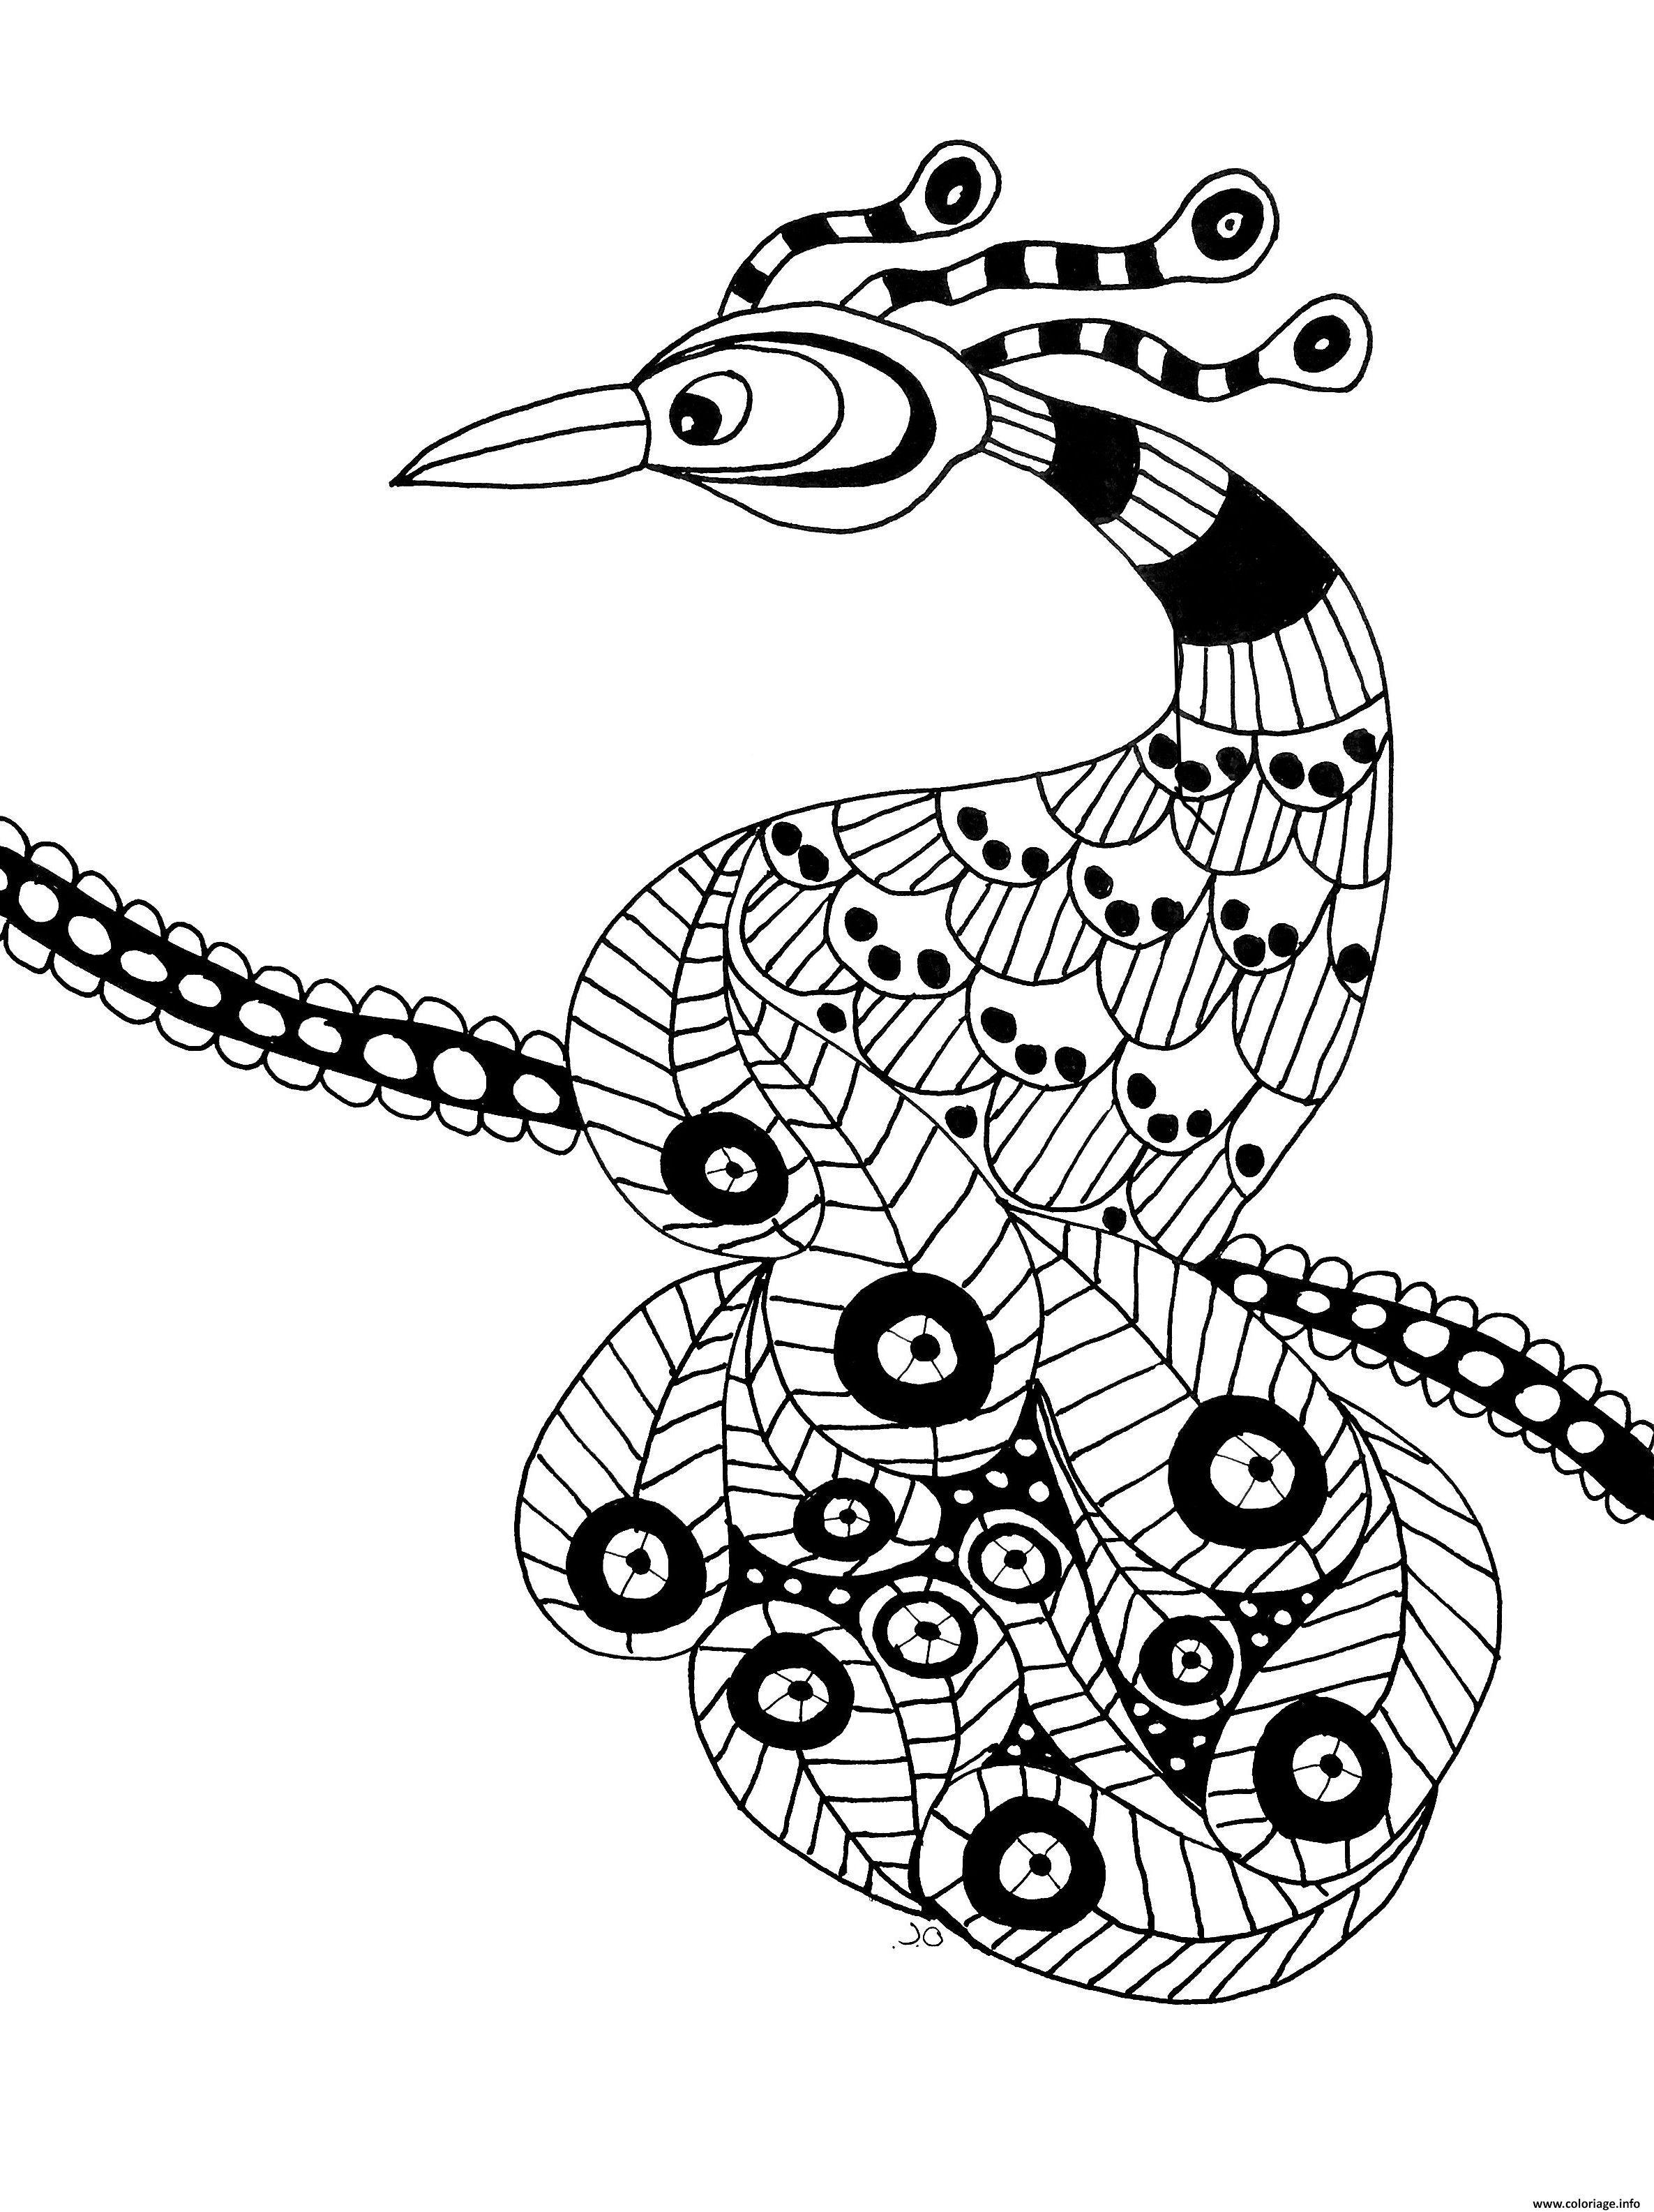 Coloriage oiseau extraordinaire dessin - Dessin d oiseau ...